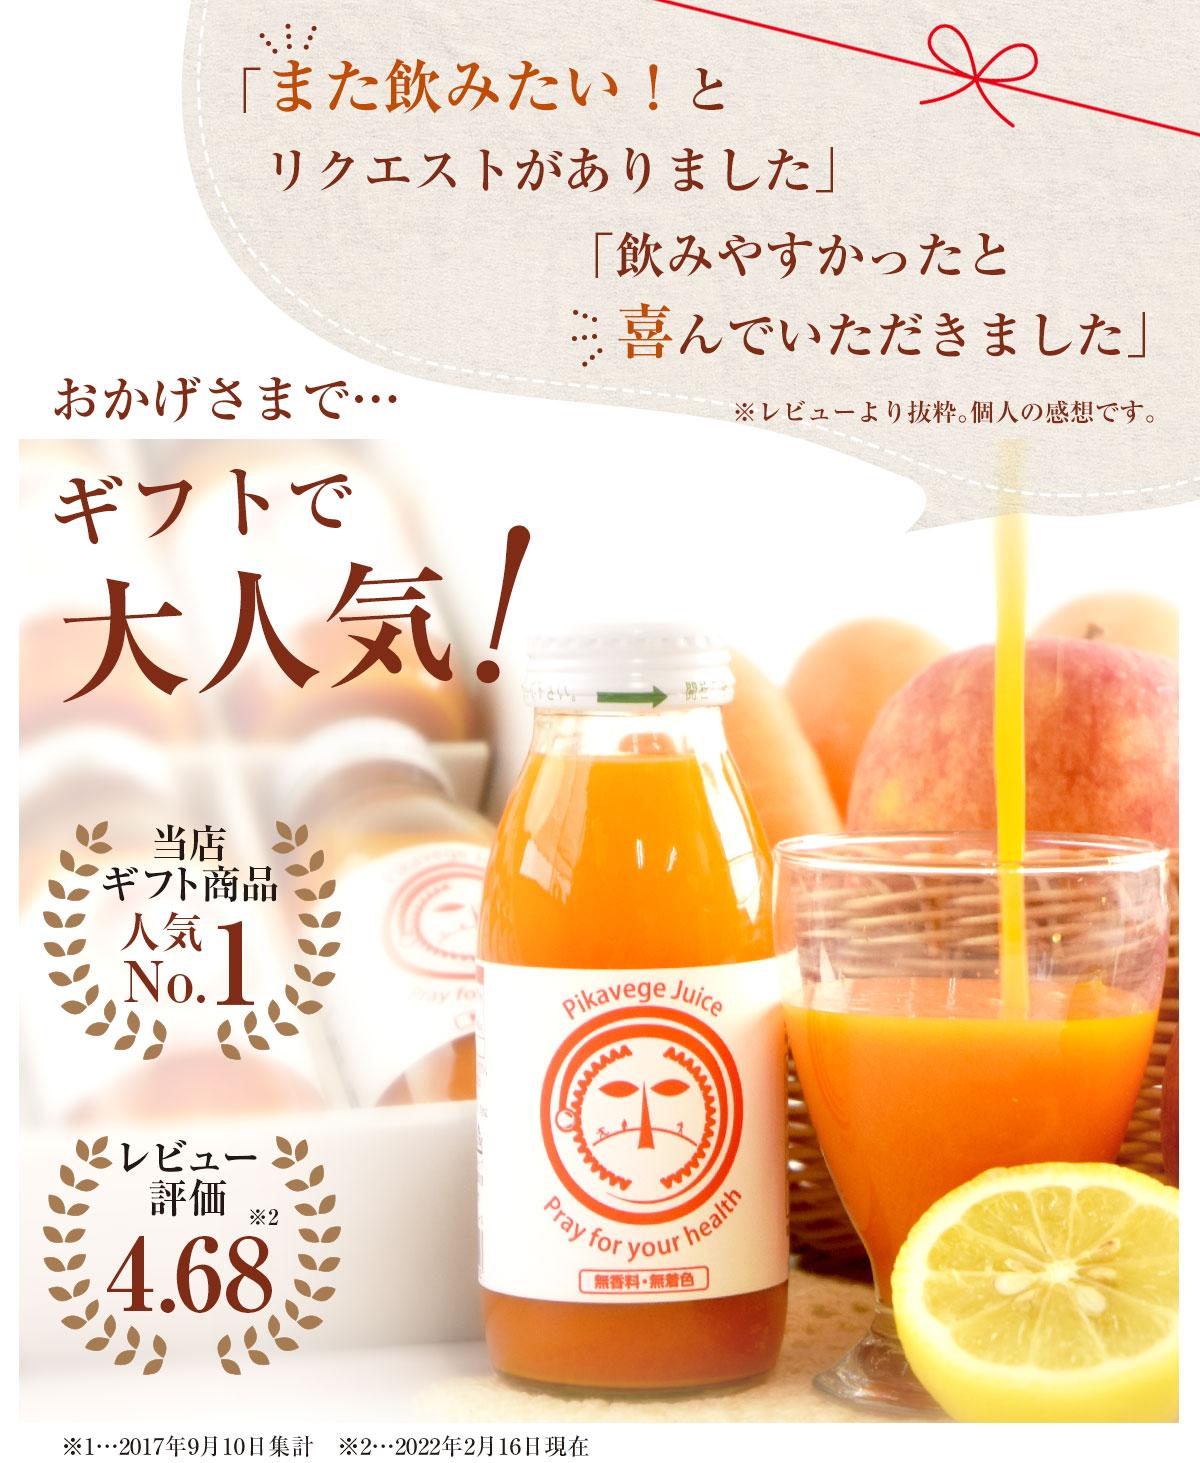 (ギフト用)繊維入りにんじんりんごレモンジュース 200ml×10本 人参ジュース お祝い 敬老の日 お中元 お歳暮 飲み切り ビタミンA 食物繊維